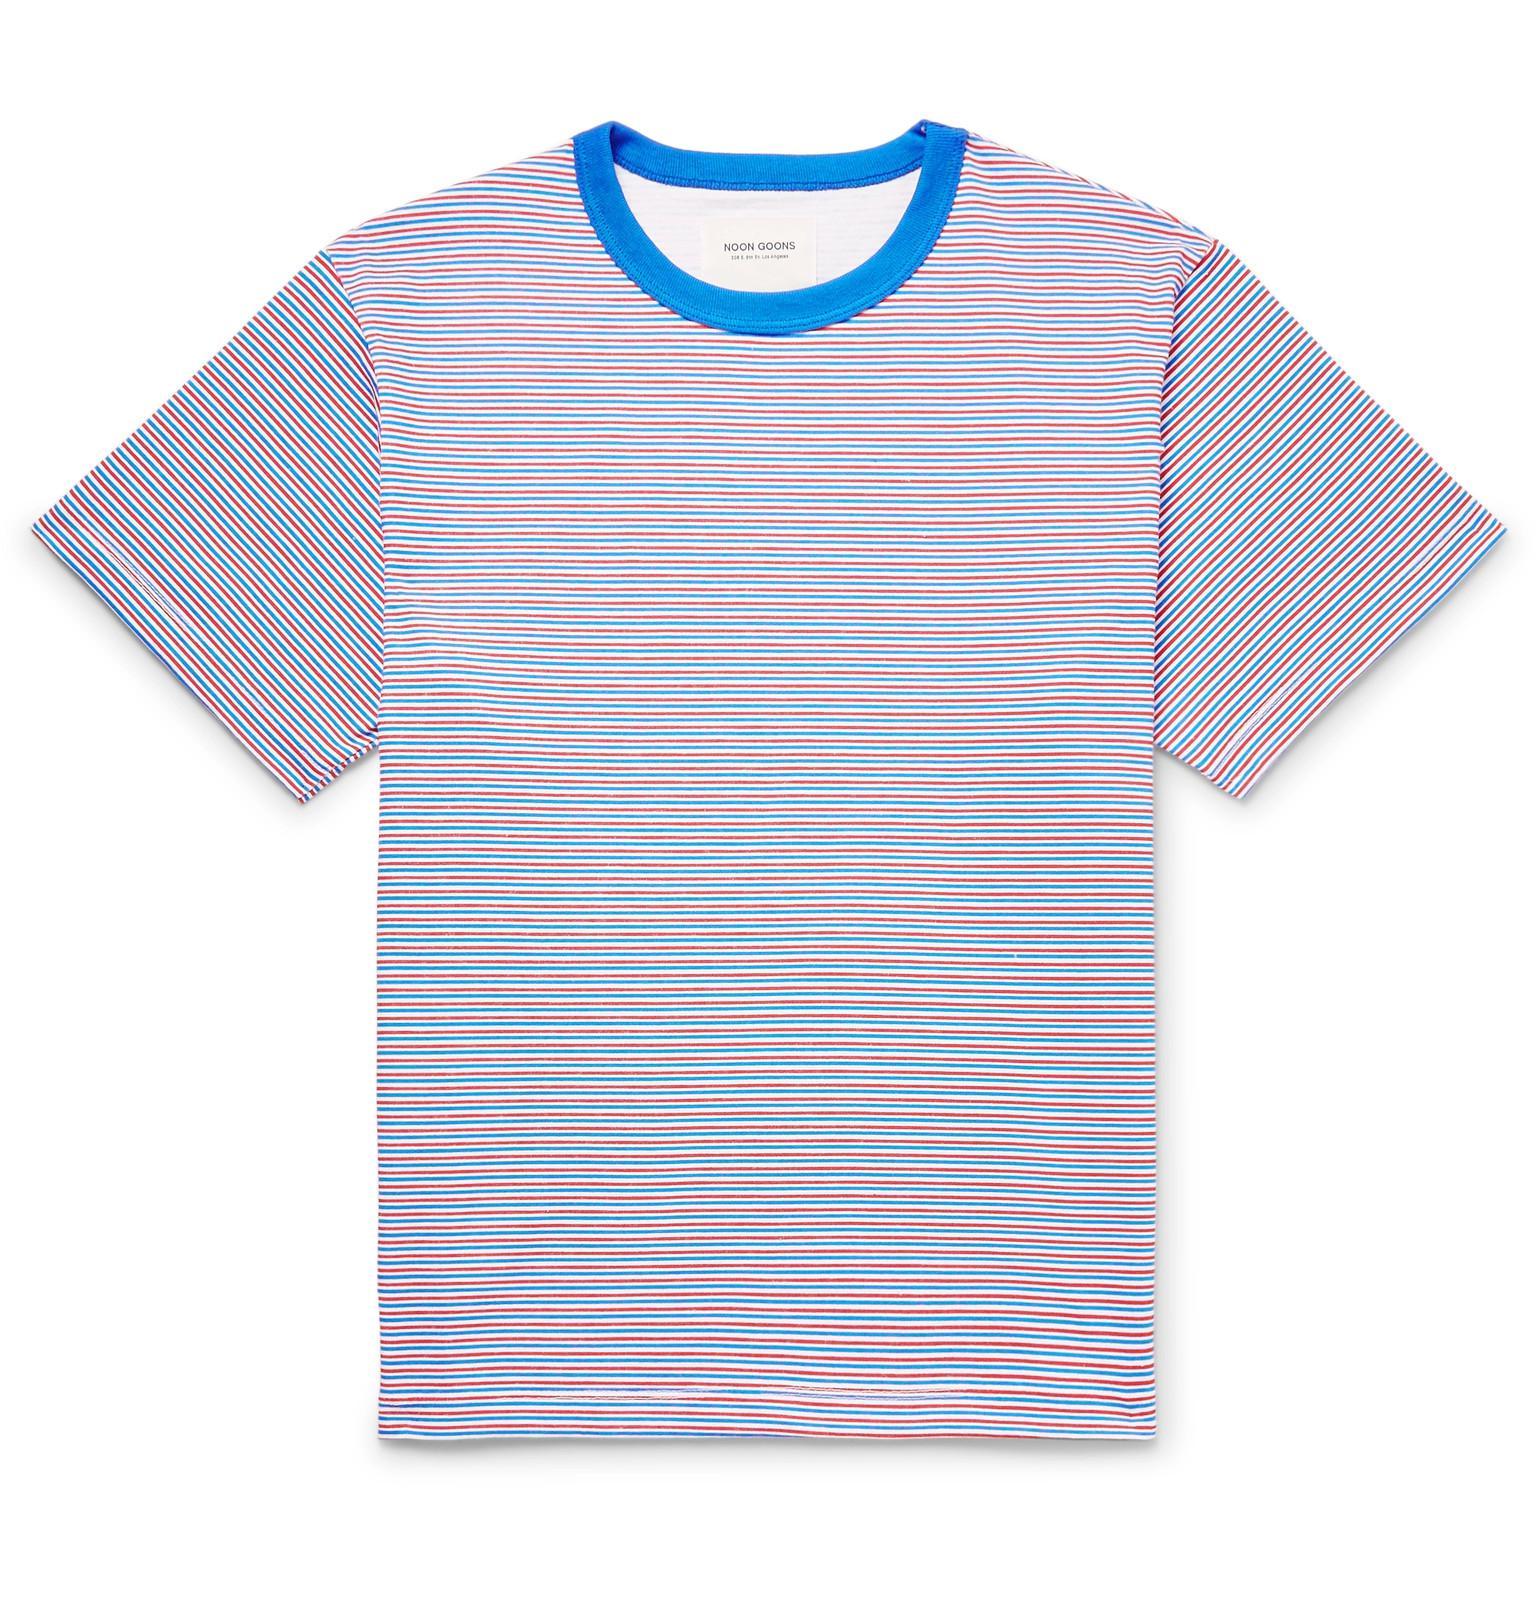 Livraison Gratuite Classique Footaction En Ligne NOON GOONS Striped Cotton-jersey T-shirt - Blue ioOIRuJ8